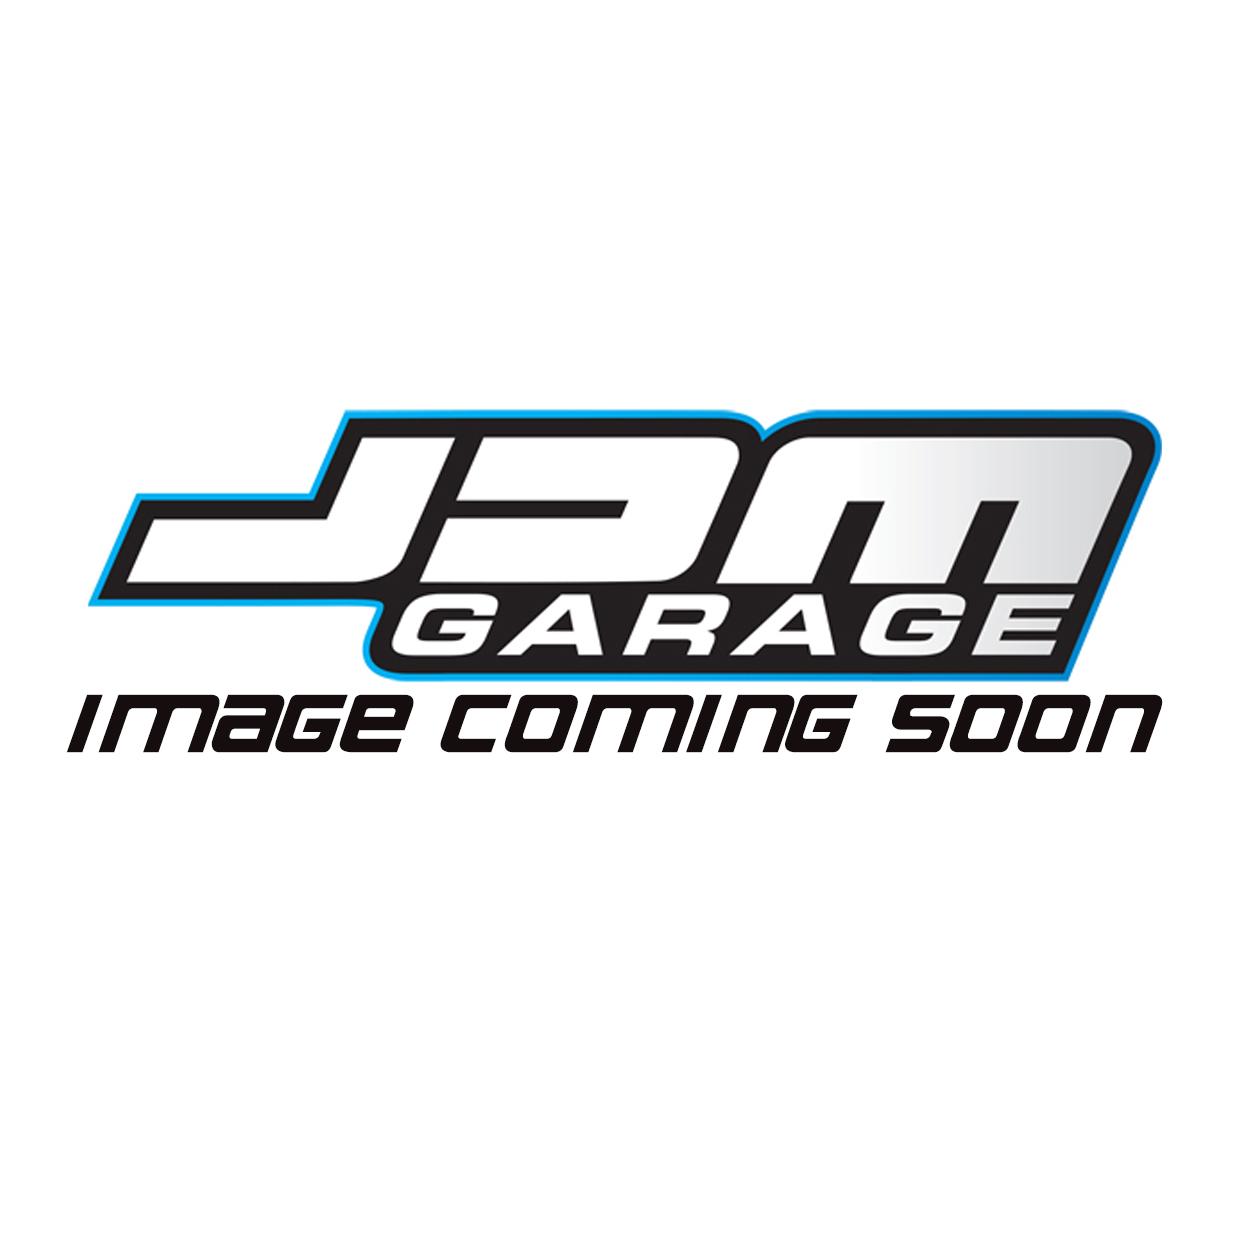 JDMGarageUK Street Elite Cherry Air Freshener